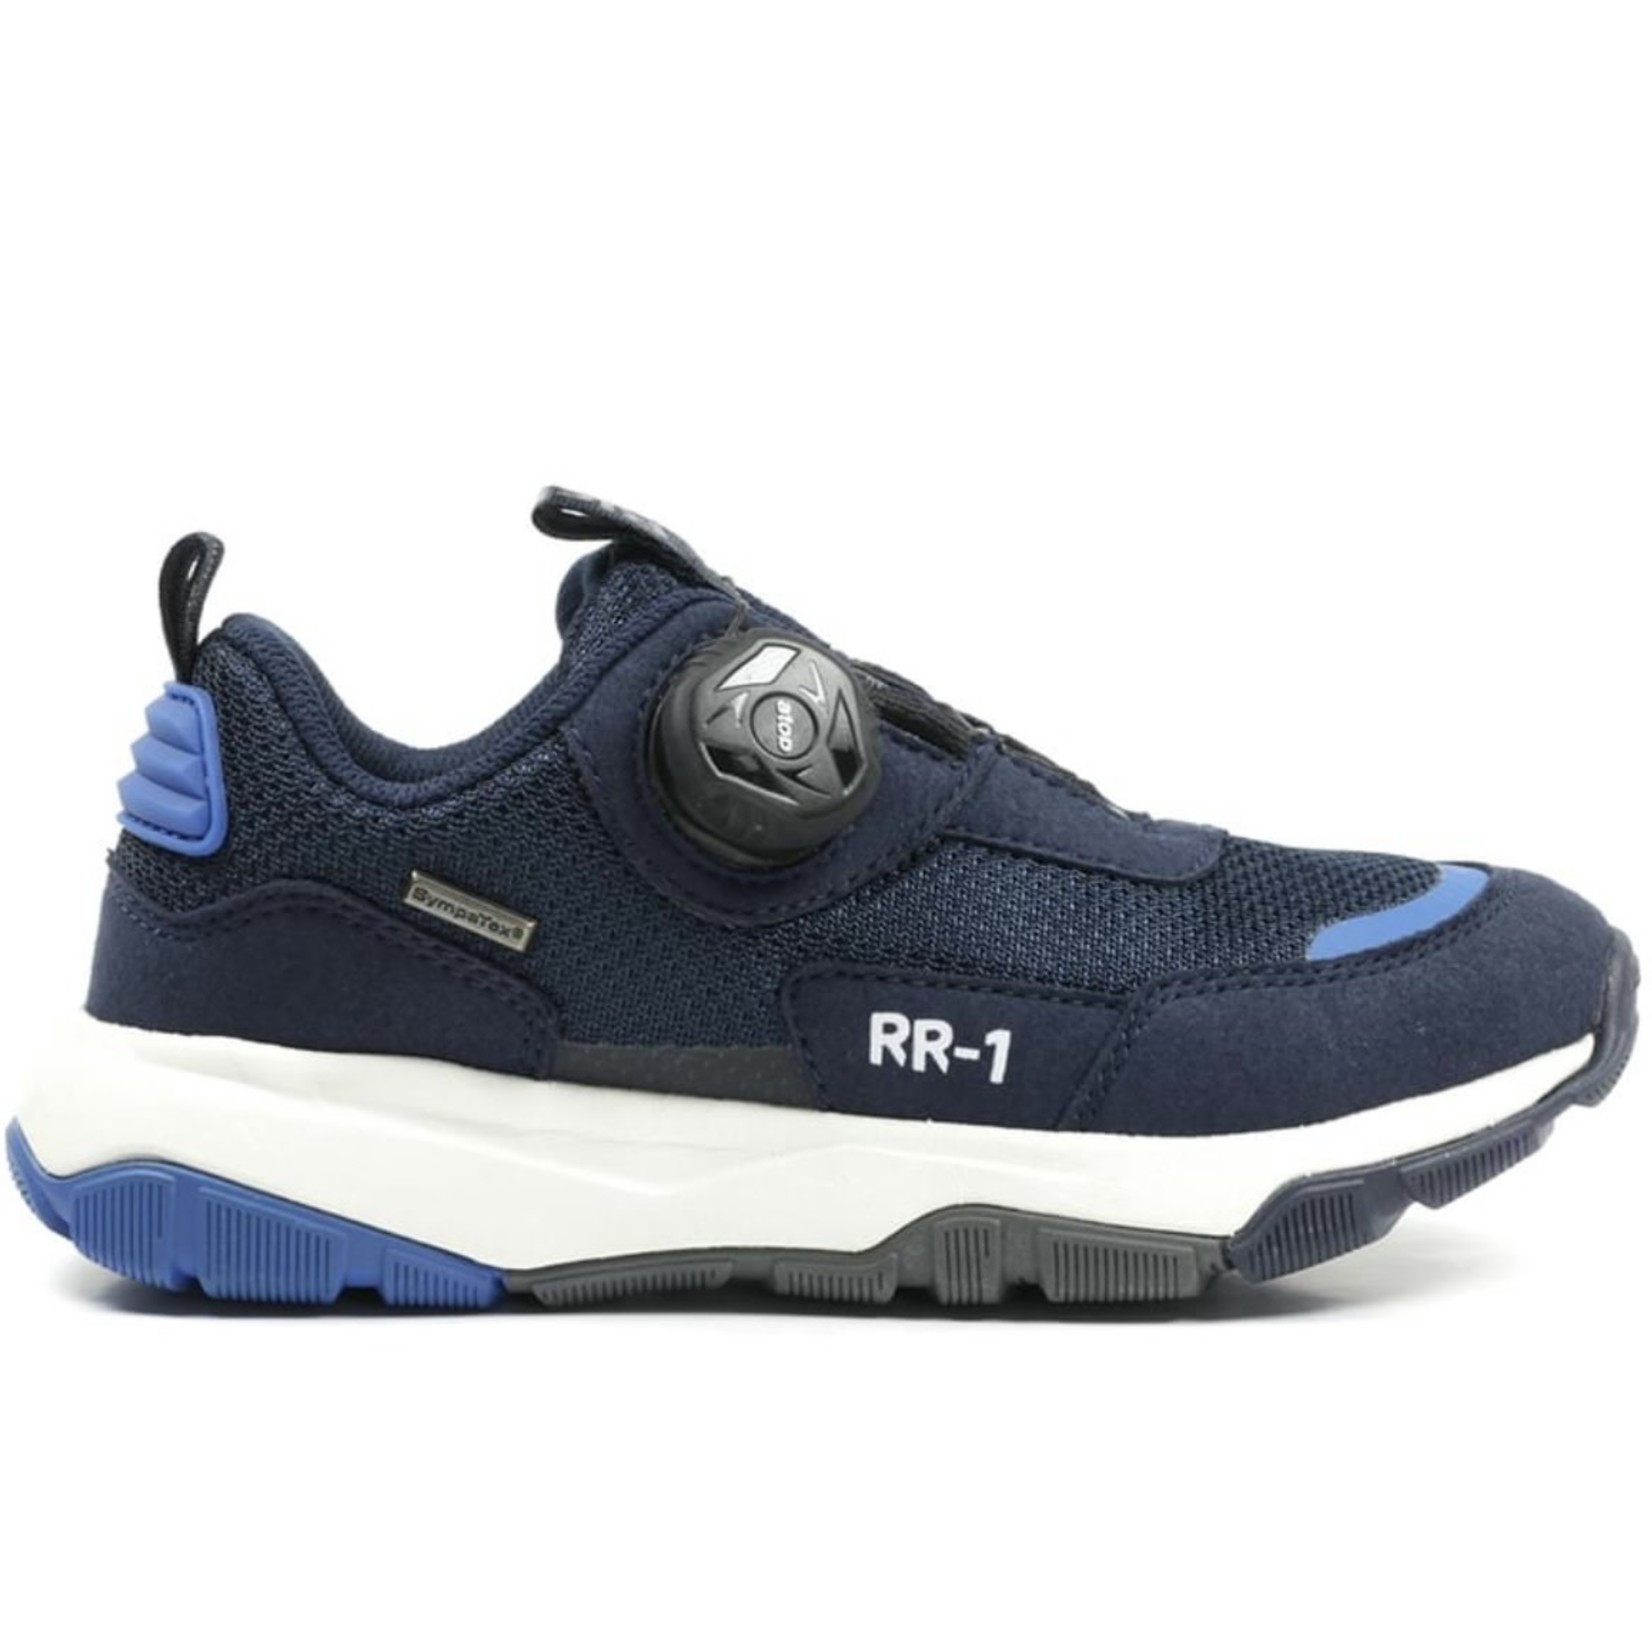 Richter Richter Sneaker Draaiknop Donkerblauw